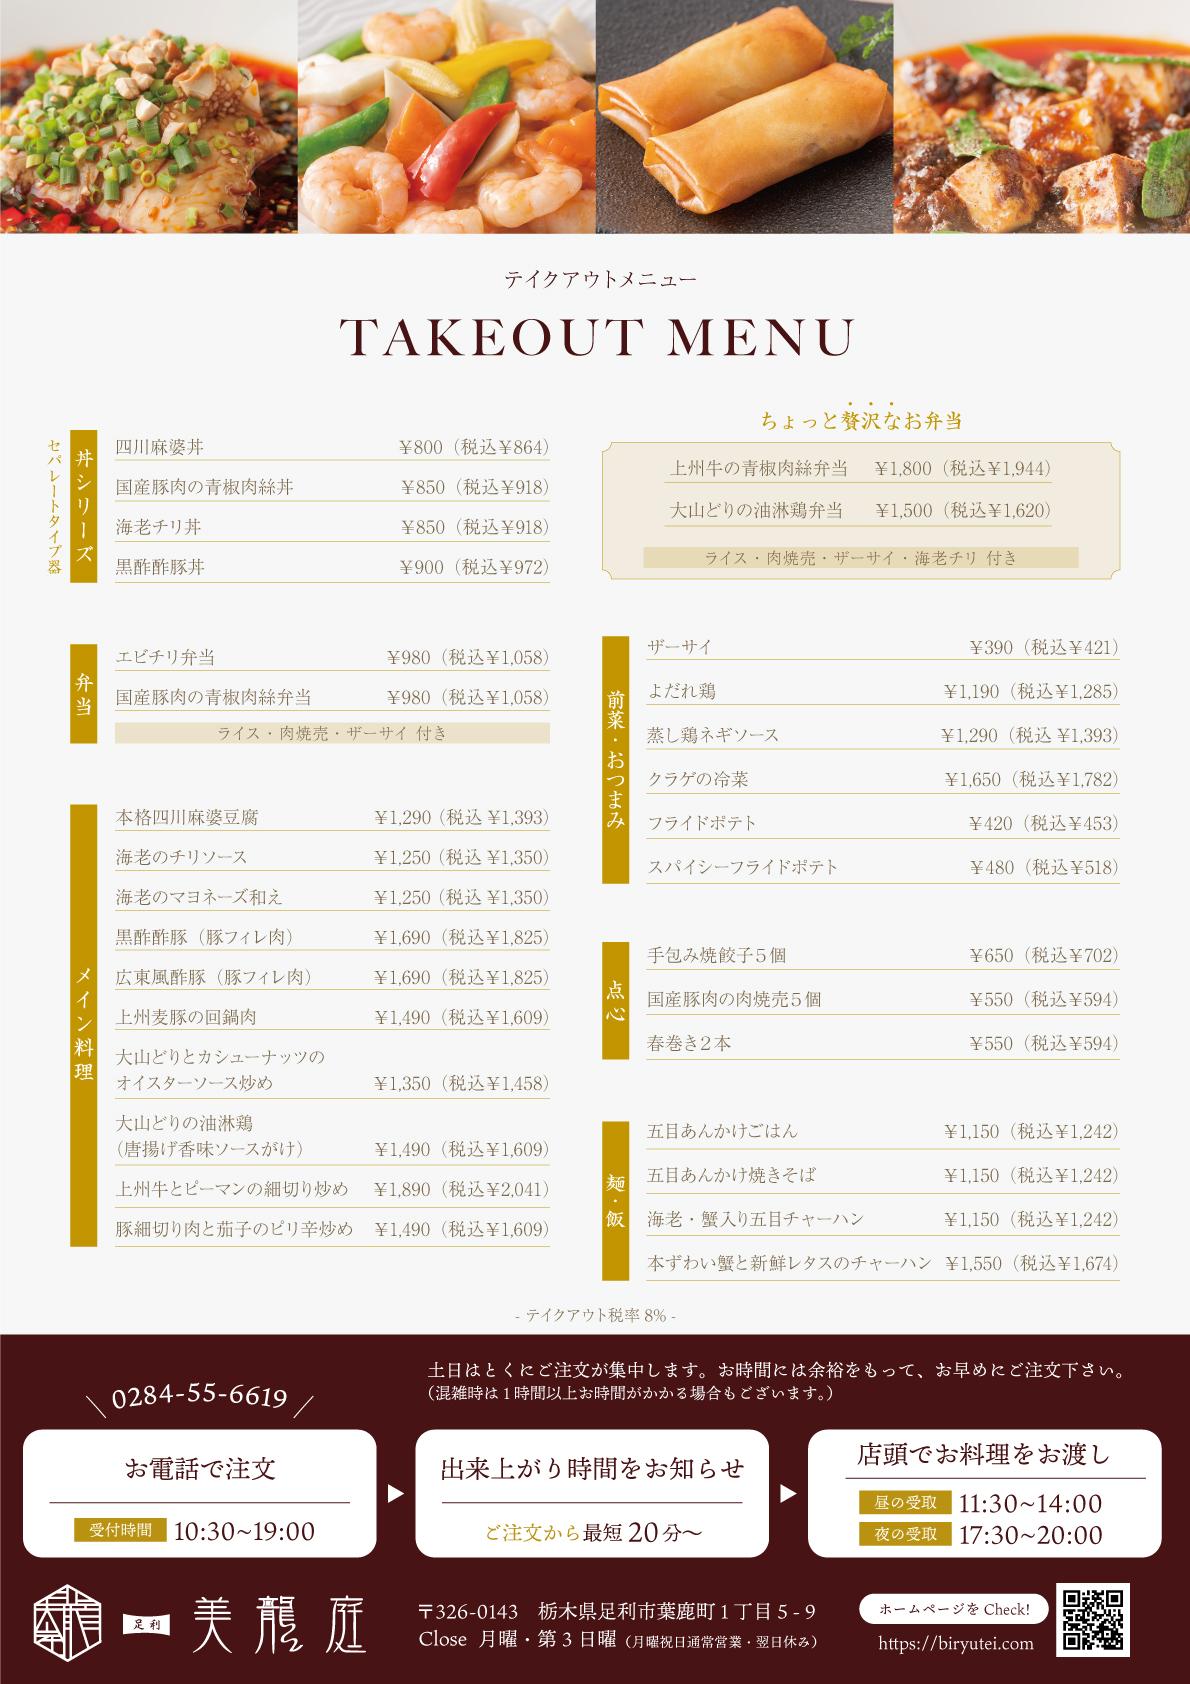 美龍庭中華料理テイクアウトメニュー